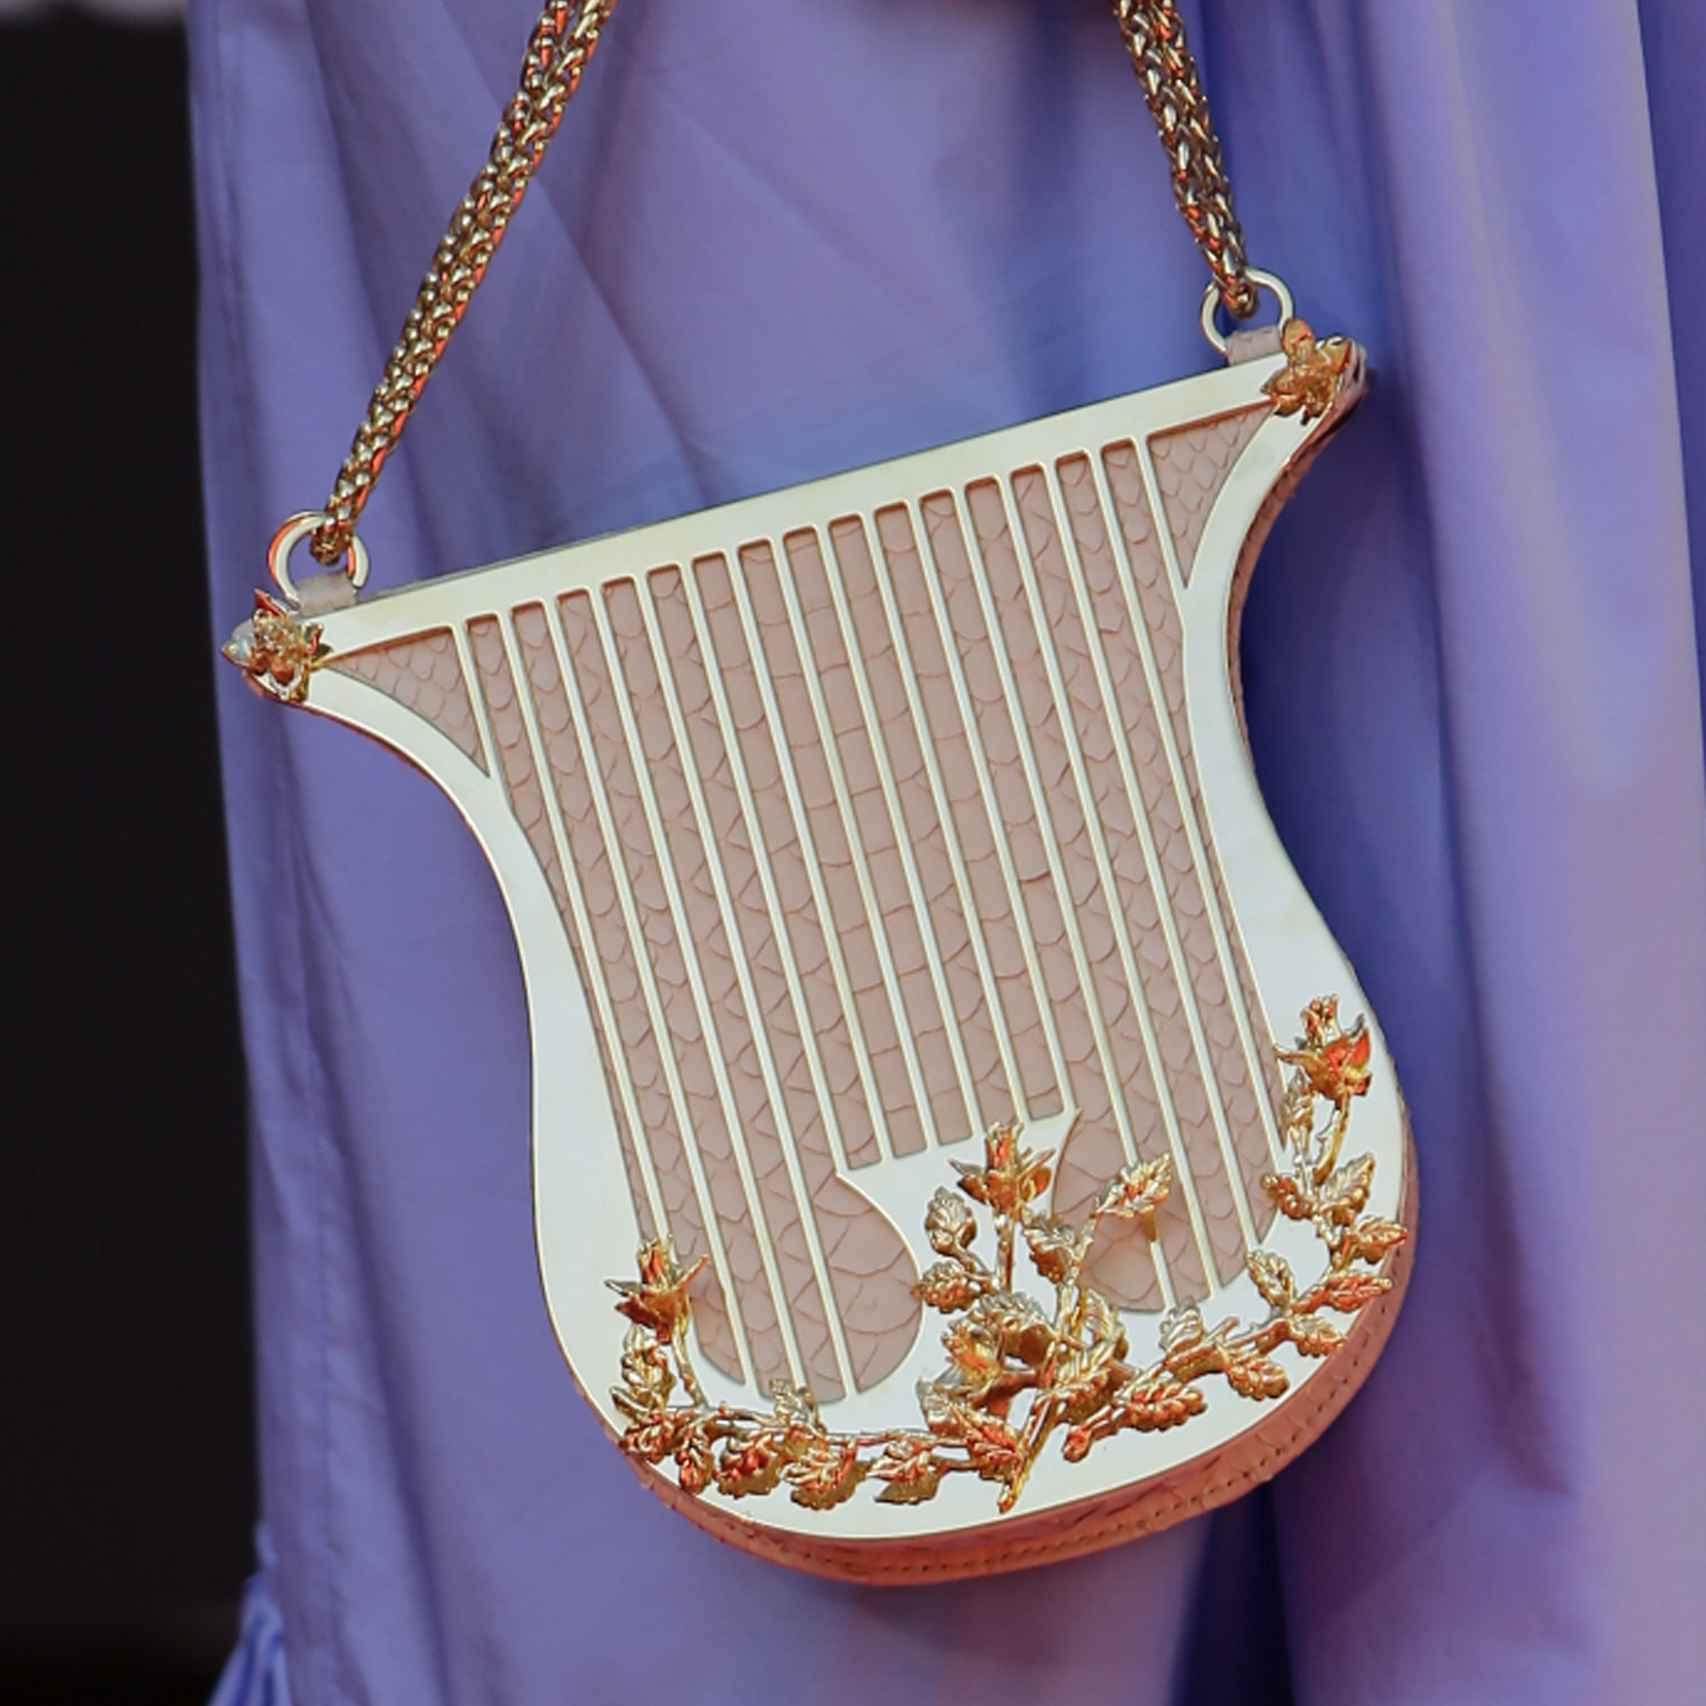 El clutch en forma de arpa que lució Macarena Gómez fue lo más chic de la alfombra